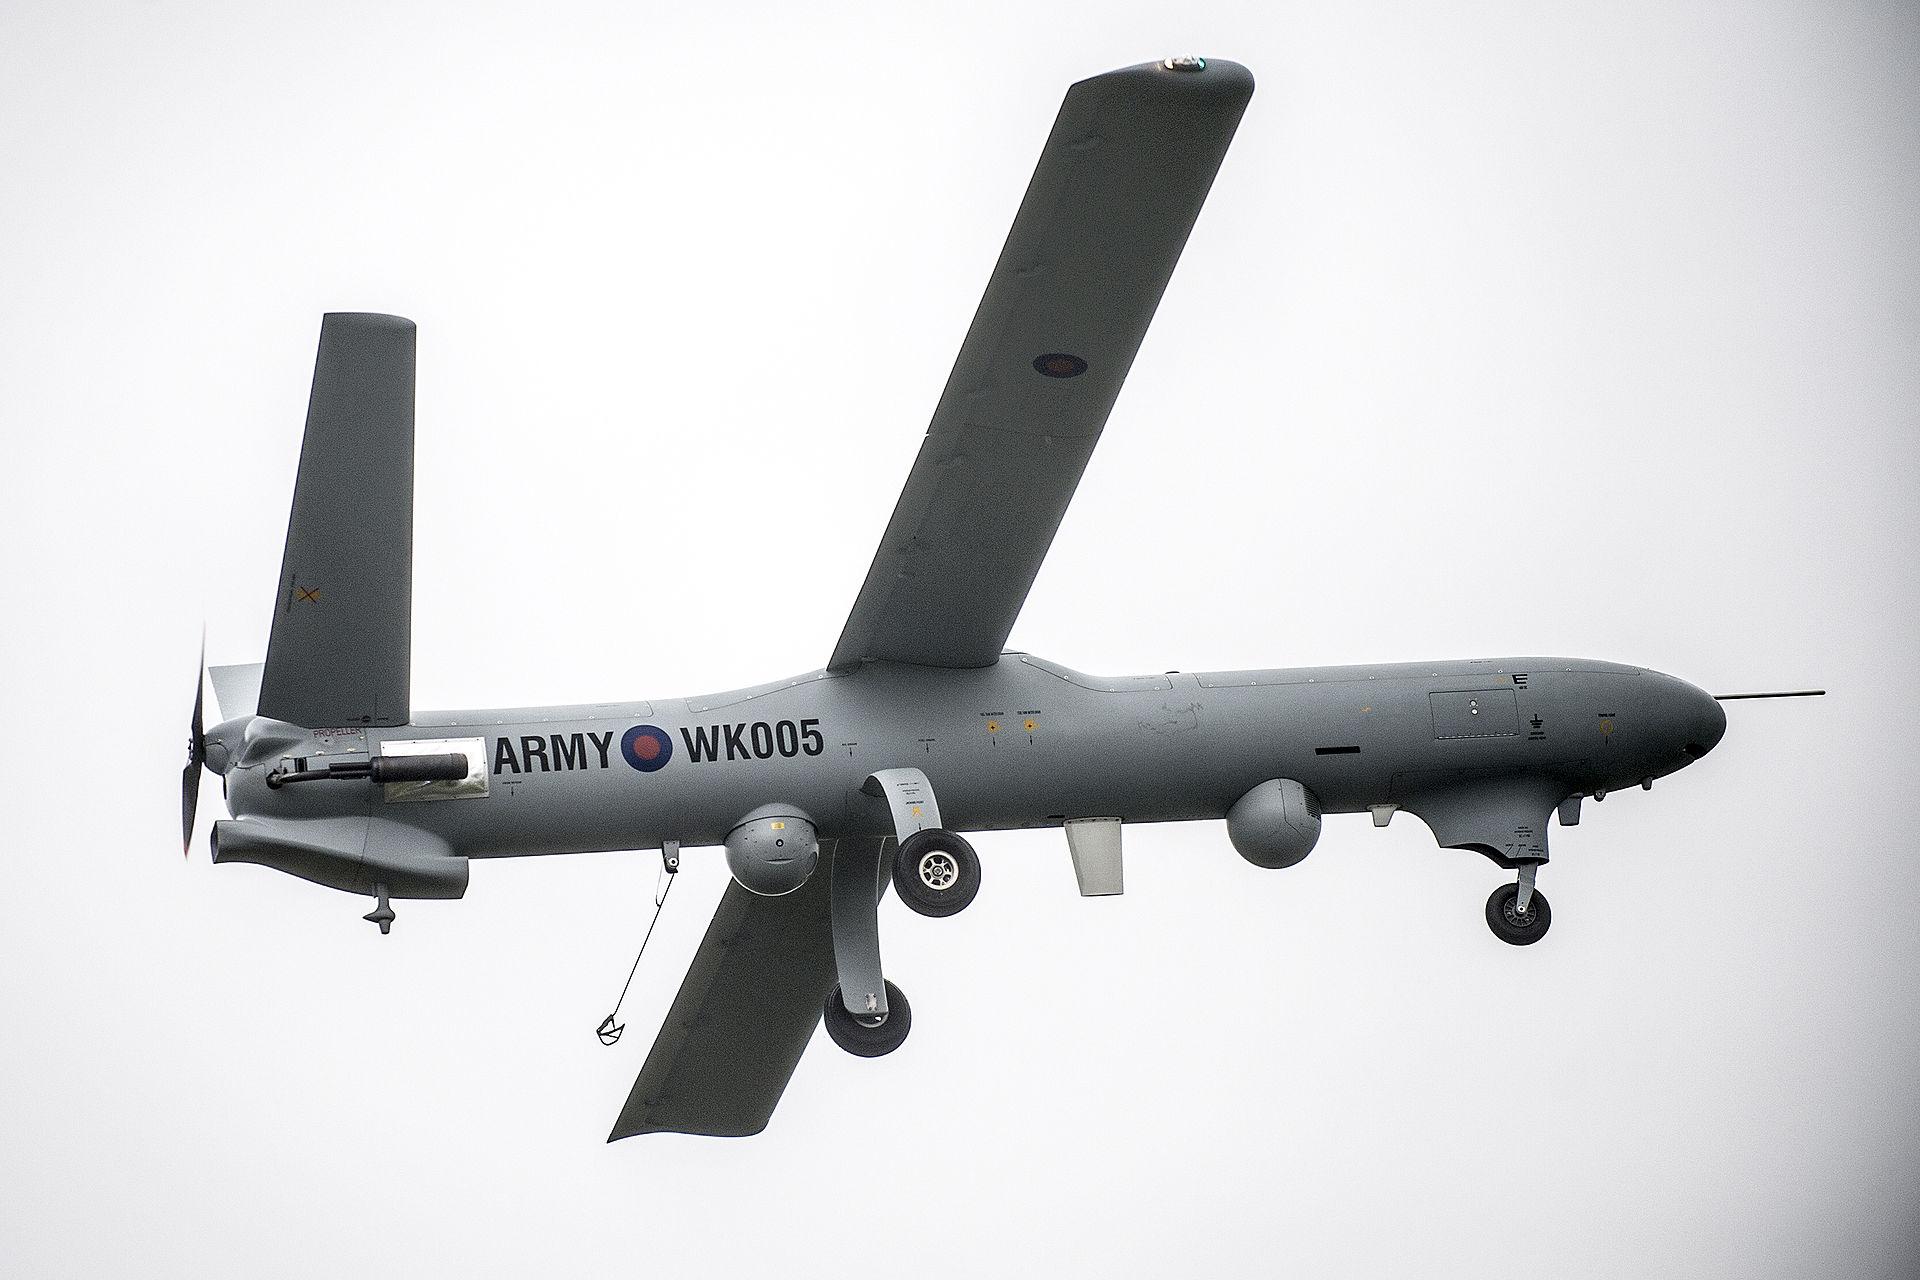 Drone rapide: Drone en promotion: Acheter un Drone: Achat Drone Strasbourg pas cher livraison rapide livraison en 24h